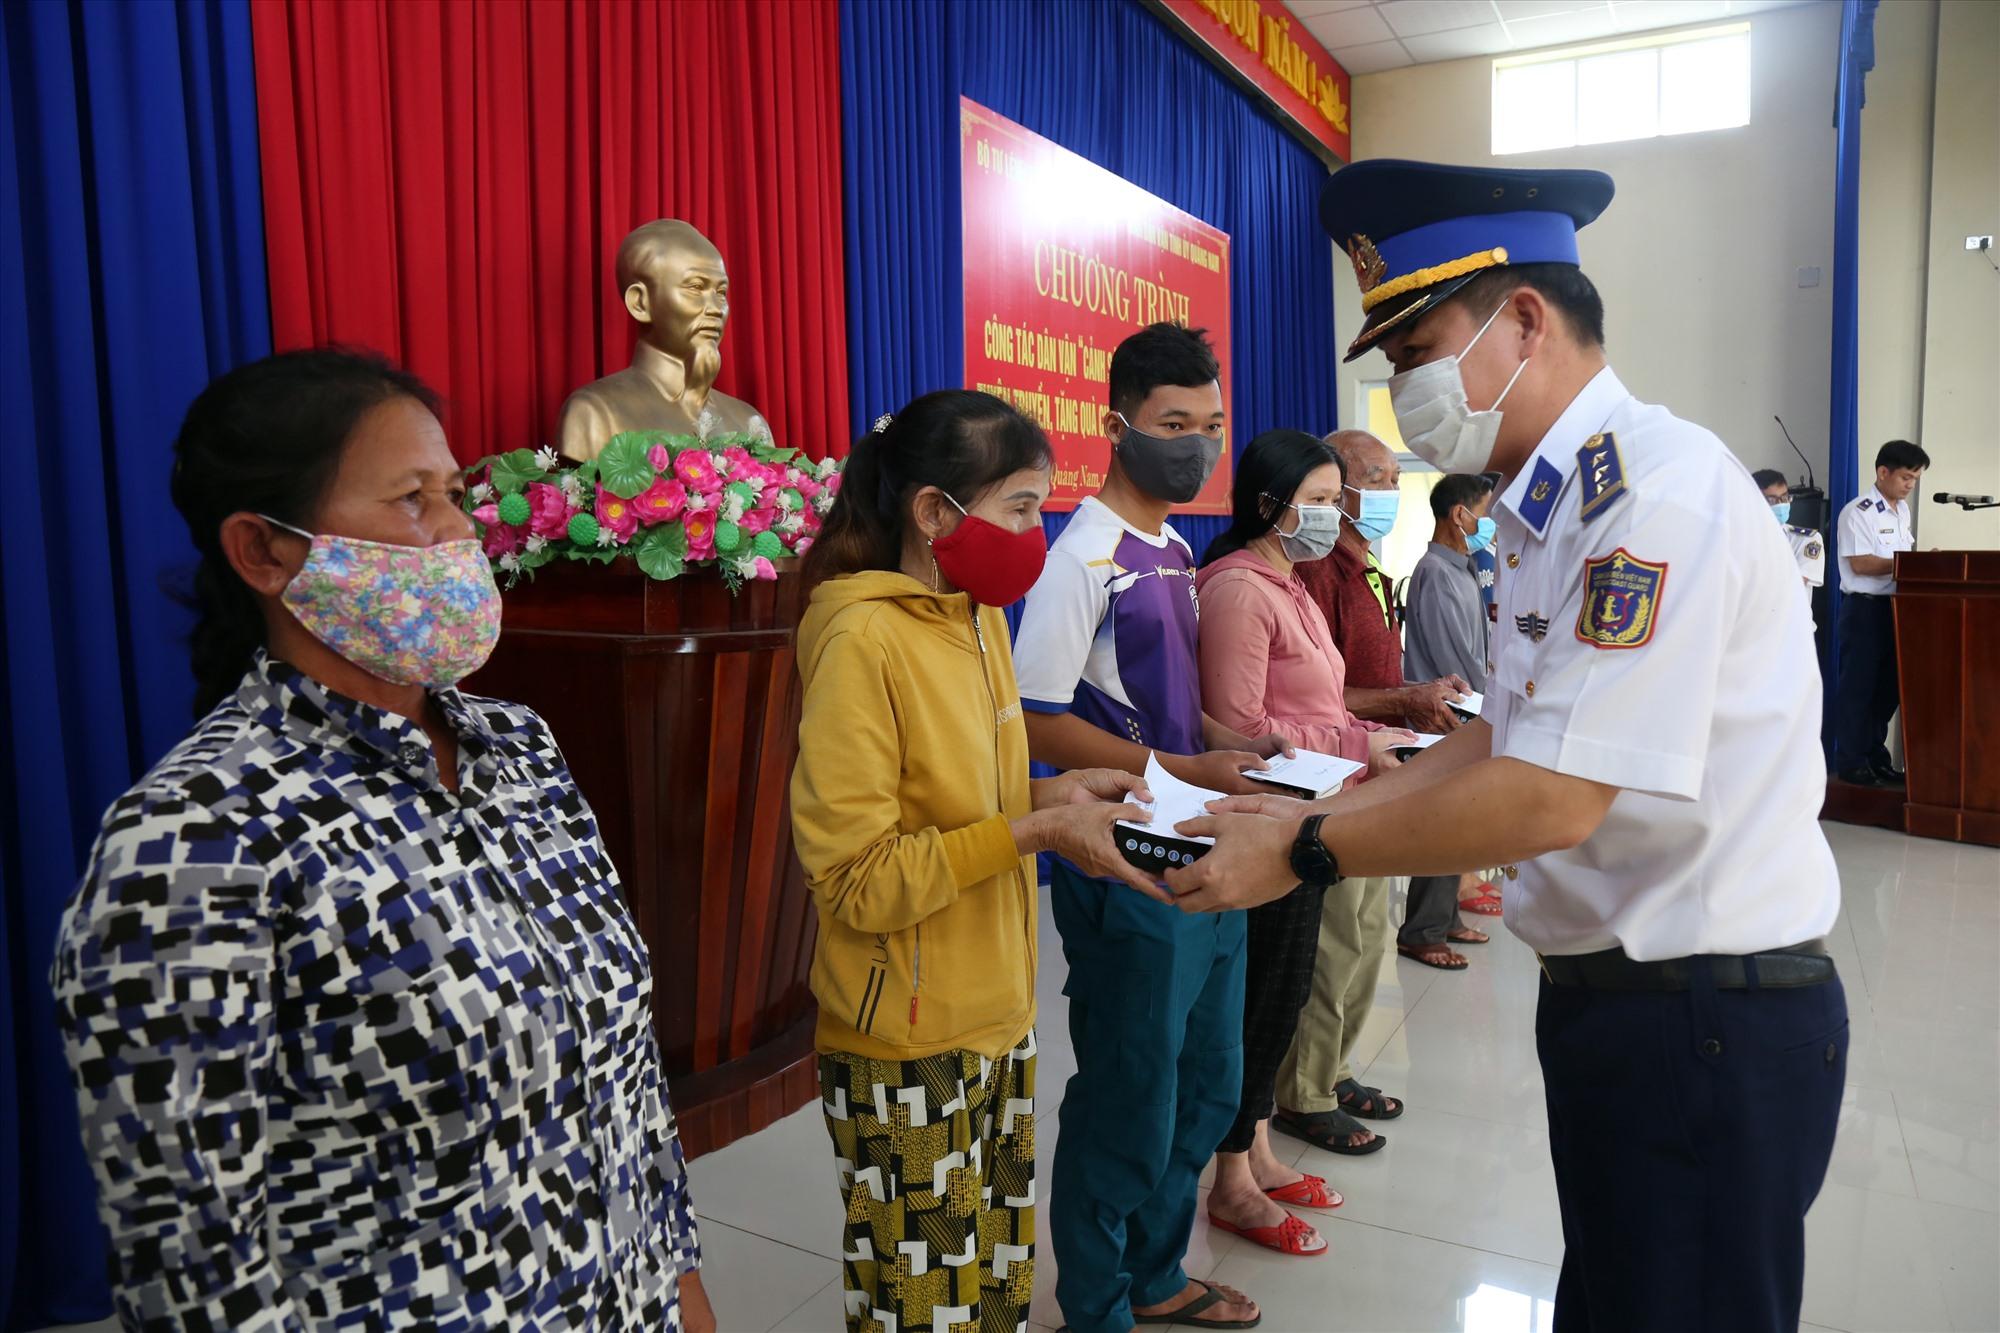 Thượng tá Bùi Đại Hải - Phó Chính ủy Bộ Tư lệnh Vùng Cảnh sát 2 tặng quà ngư dân. Ảnh: T.C